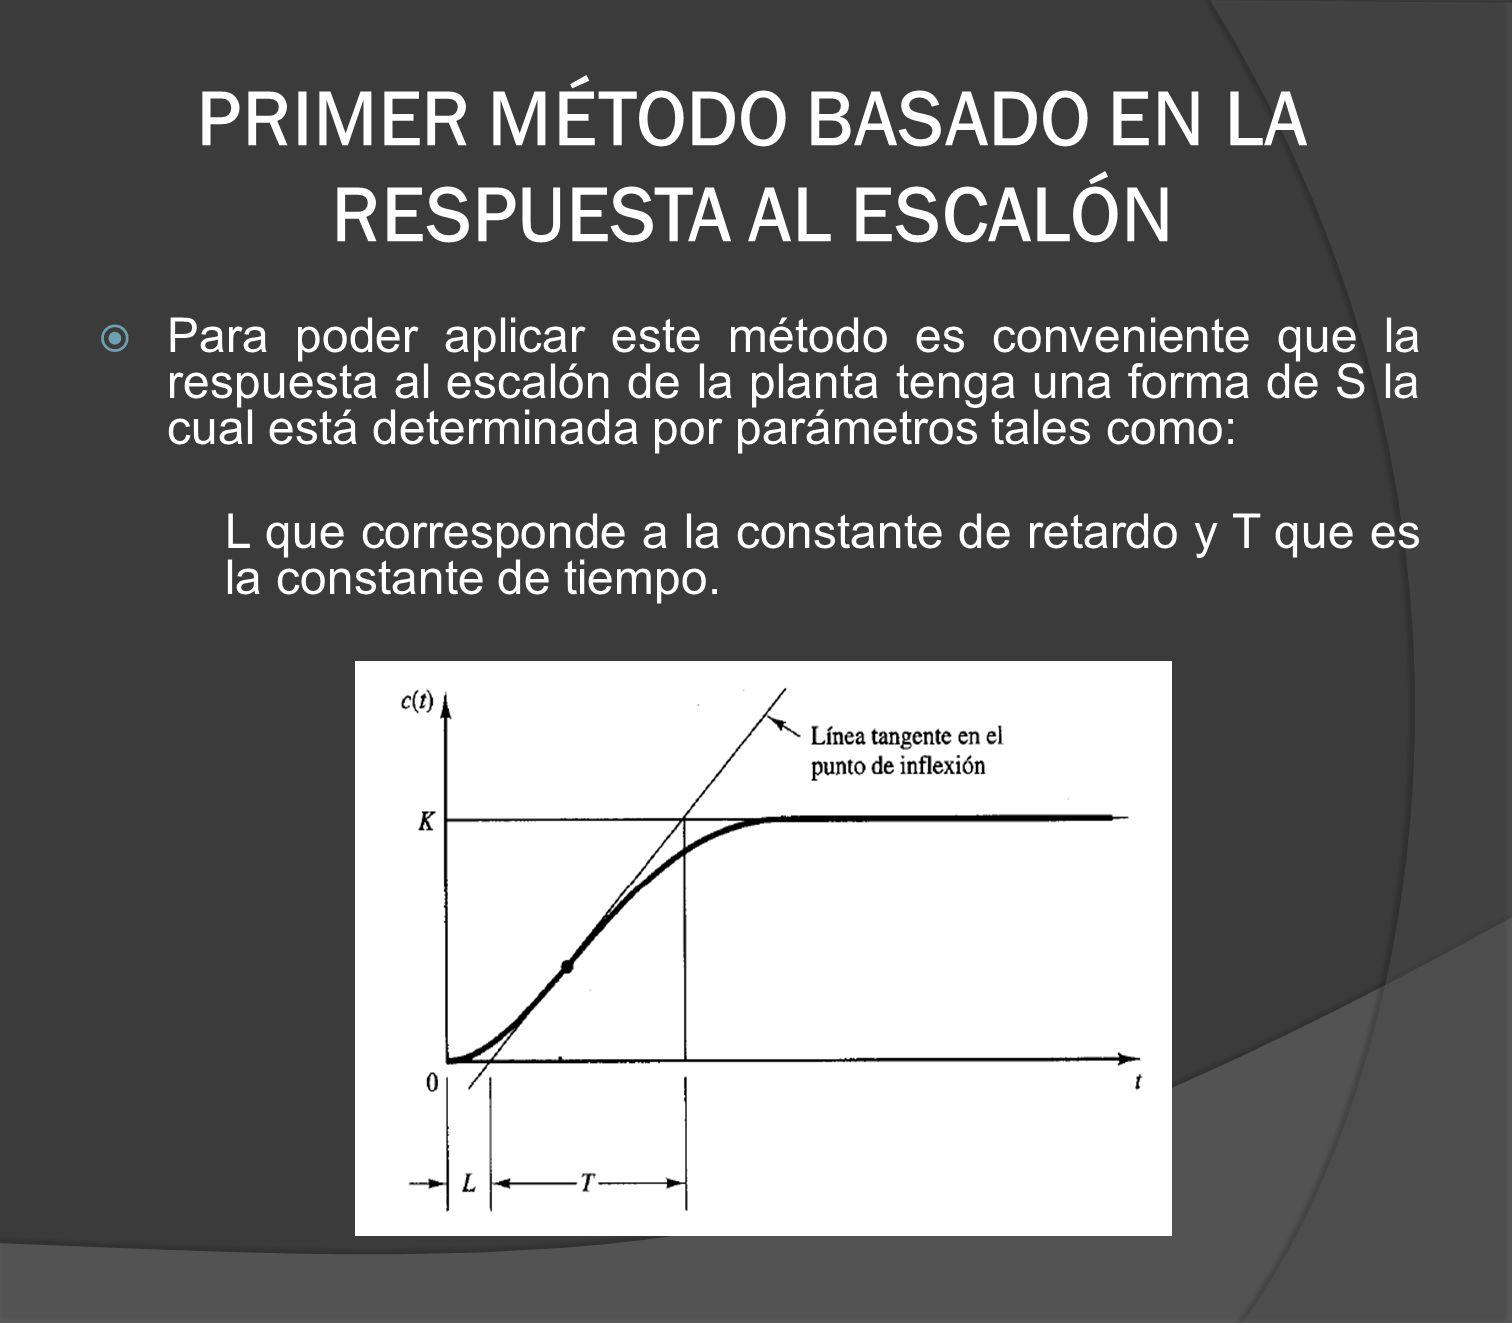 PRIMER MÉTODO BASADO EN LA RESPUESTA AL ESCALÓN Para poder aplicar este método es conveniente que la respuesta al escalón de la planta tenga una forma